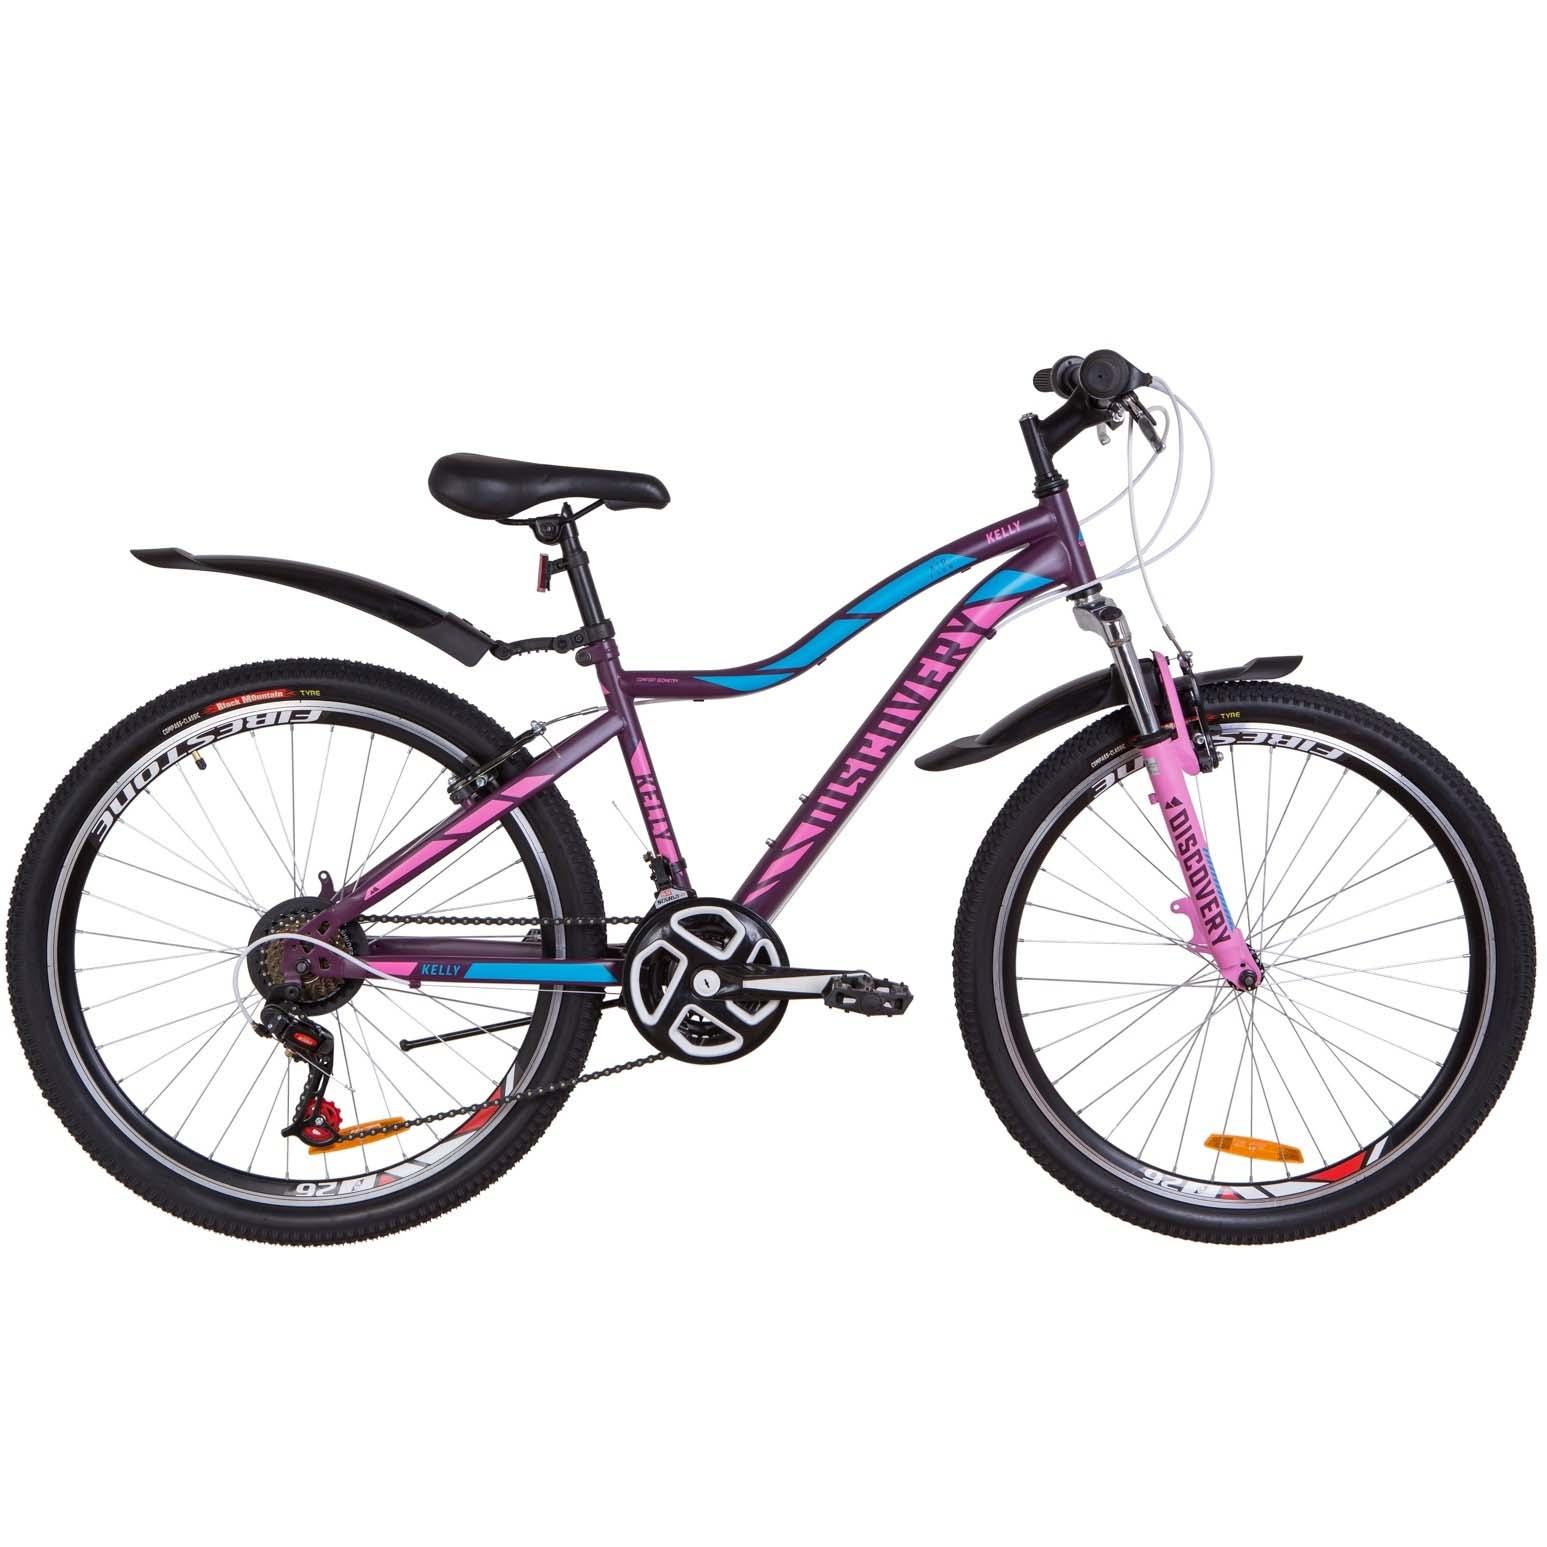 Фото Женский Велосипед 26  Discovery KELLY фиолетово-розовый с голубым 2019